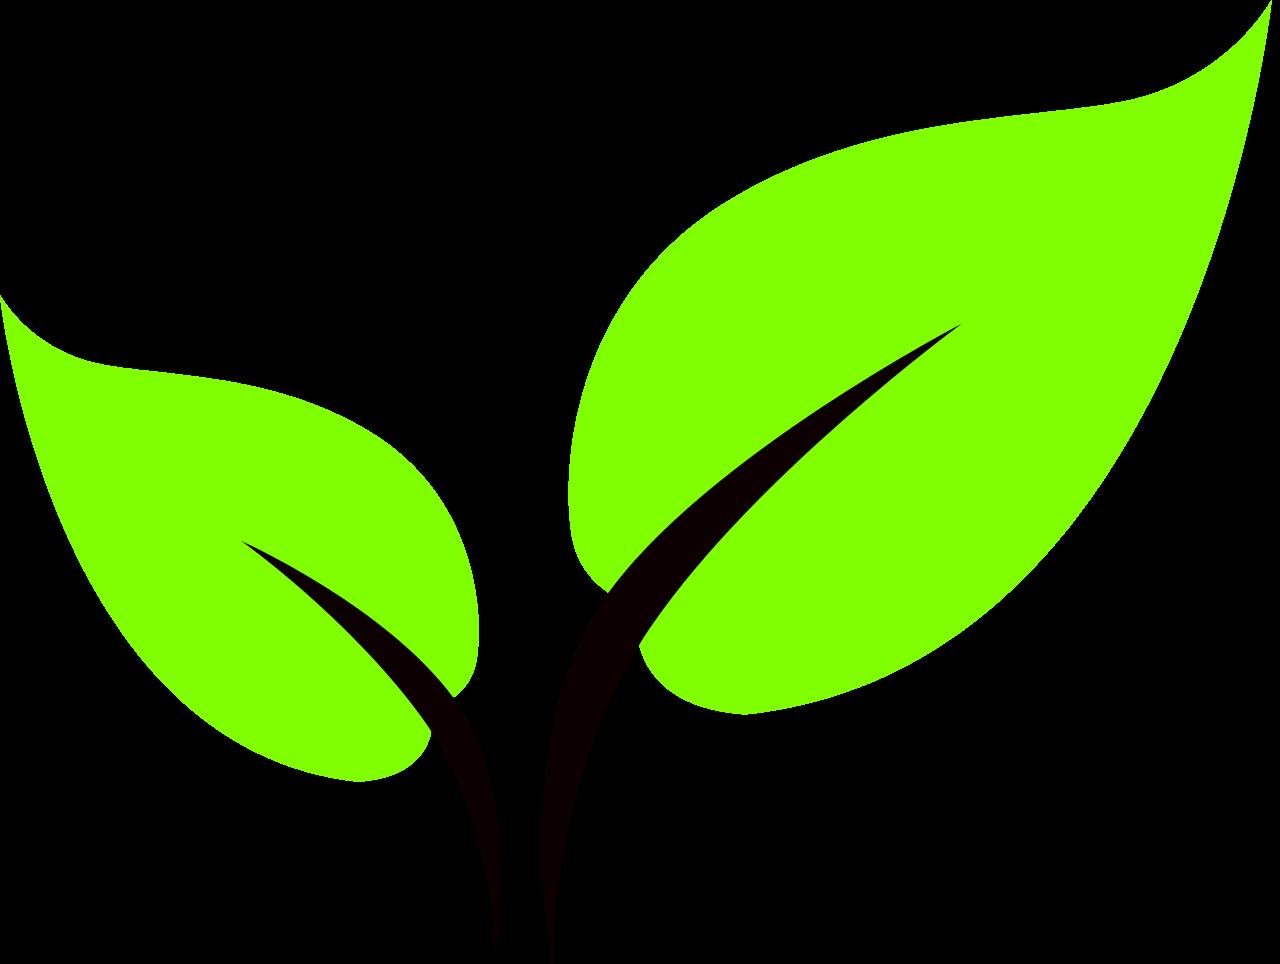 svg transparent stock curve vector leaf #111163618